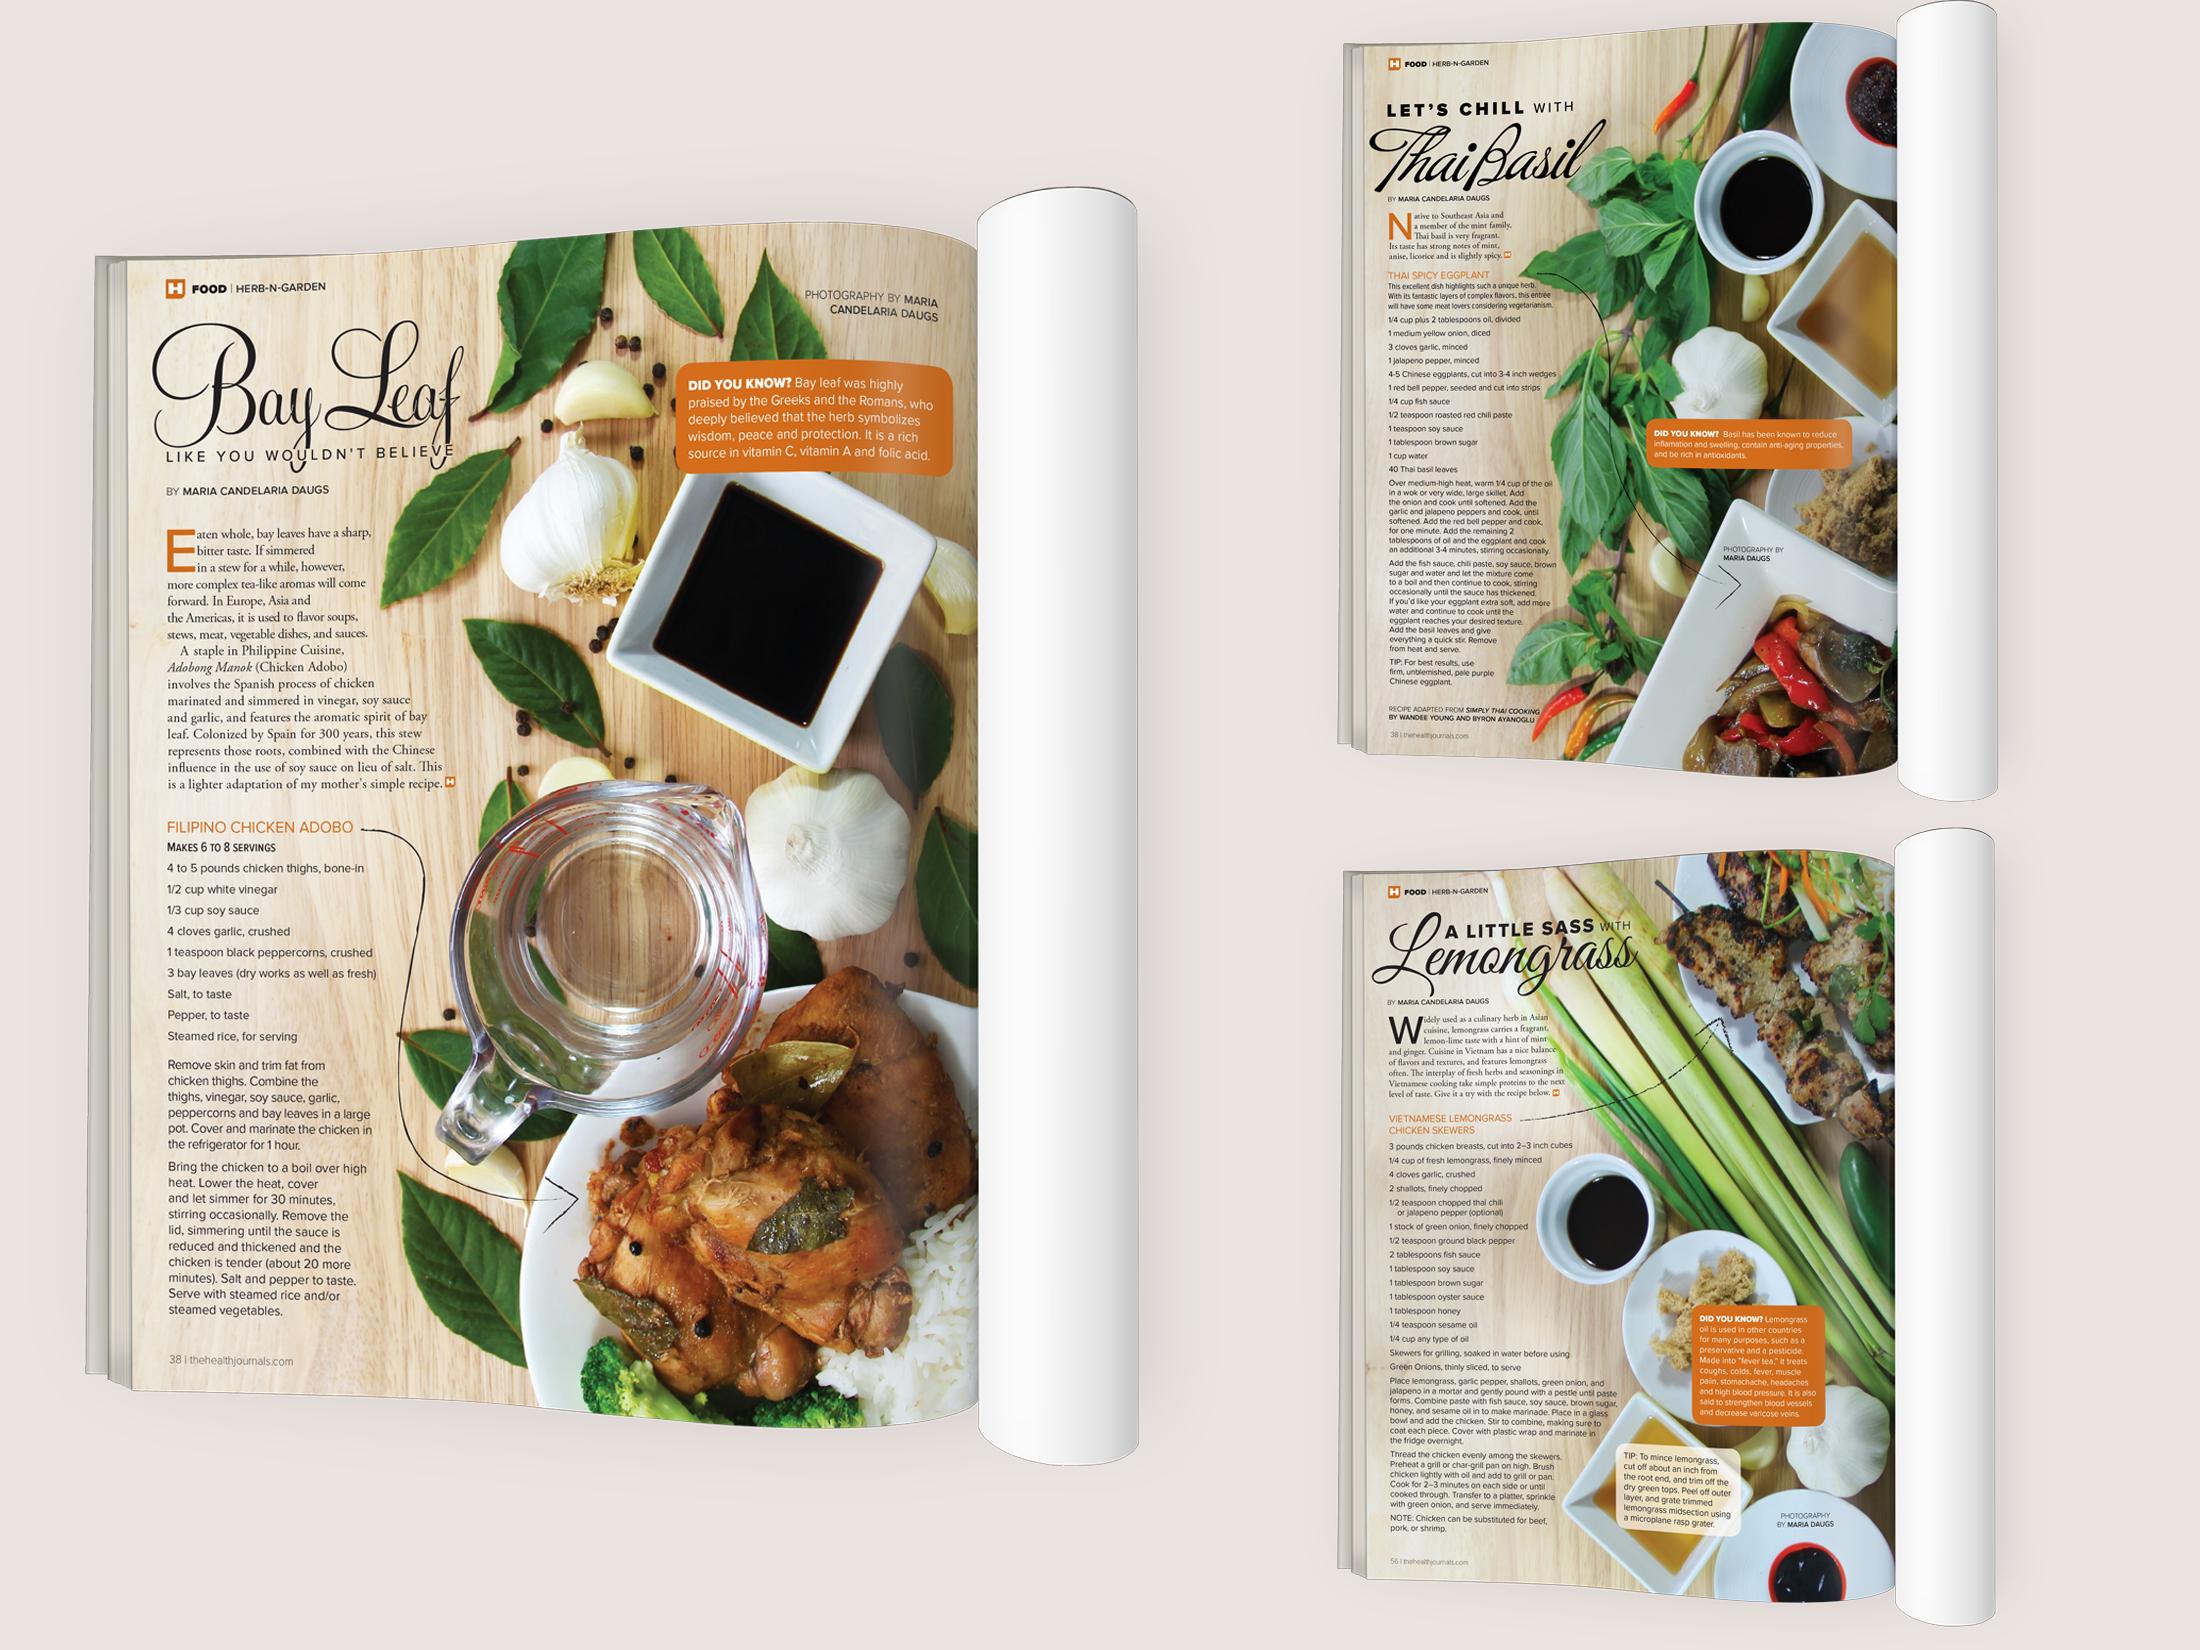 Health Journal's Herb'n'Garden Column